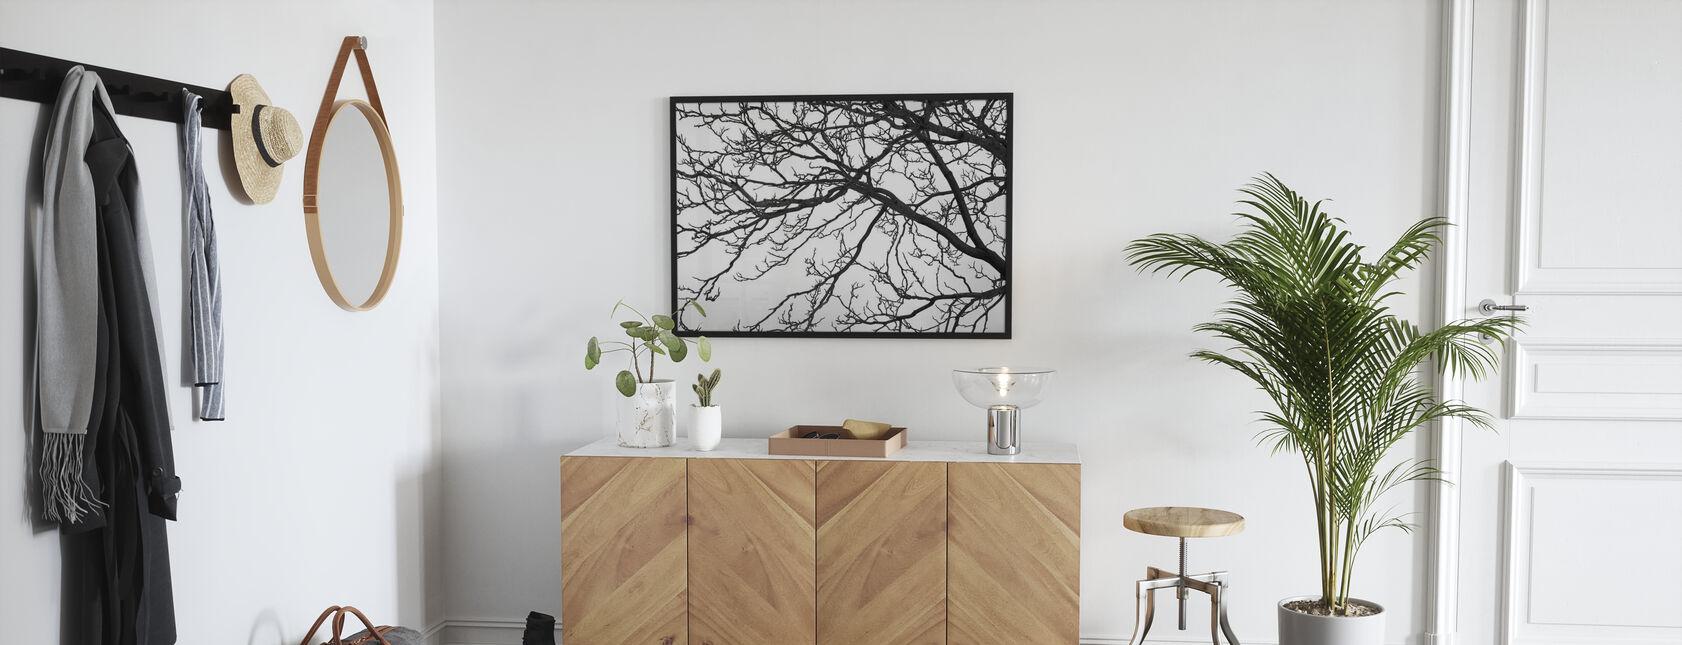 Albero bianco e nero - Stampa incorniciata - Sala